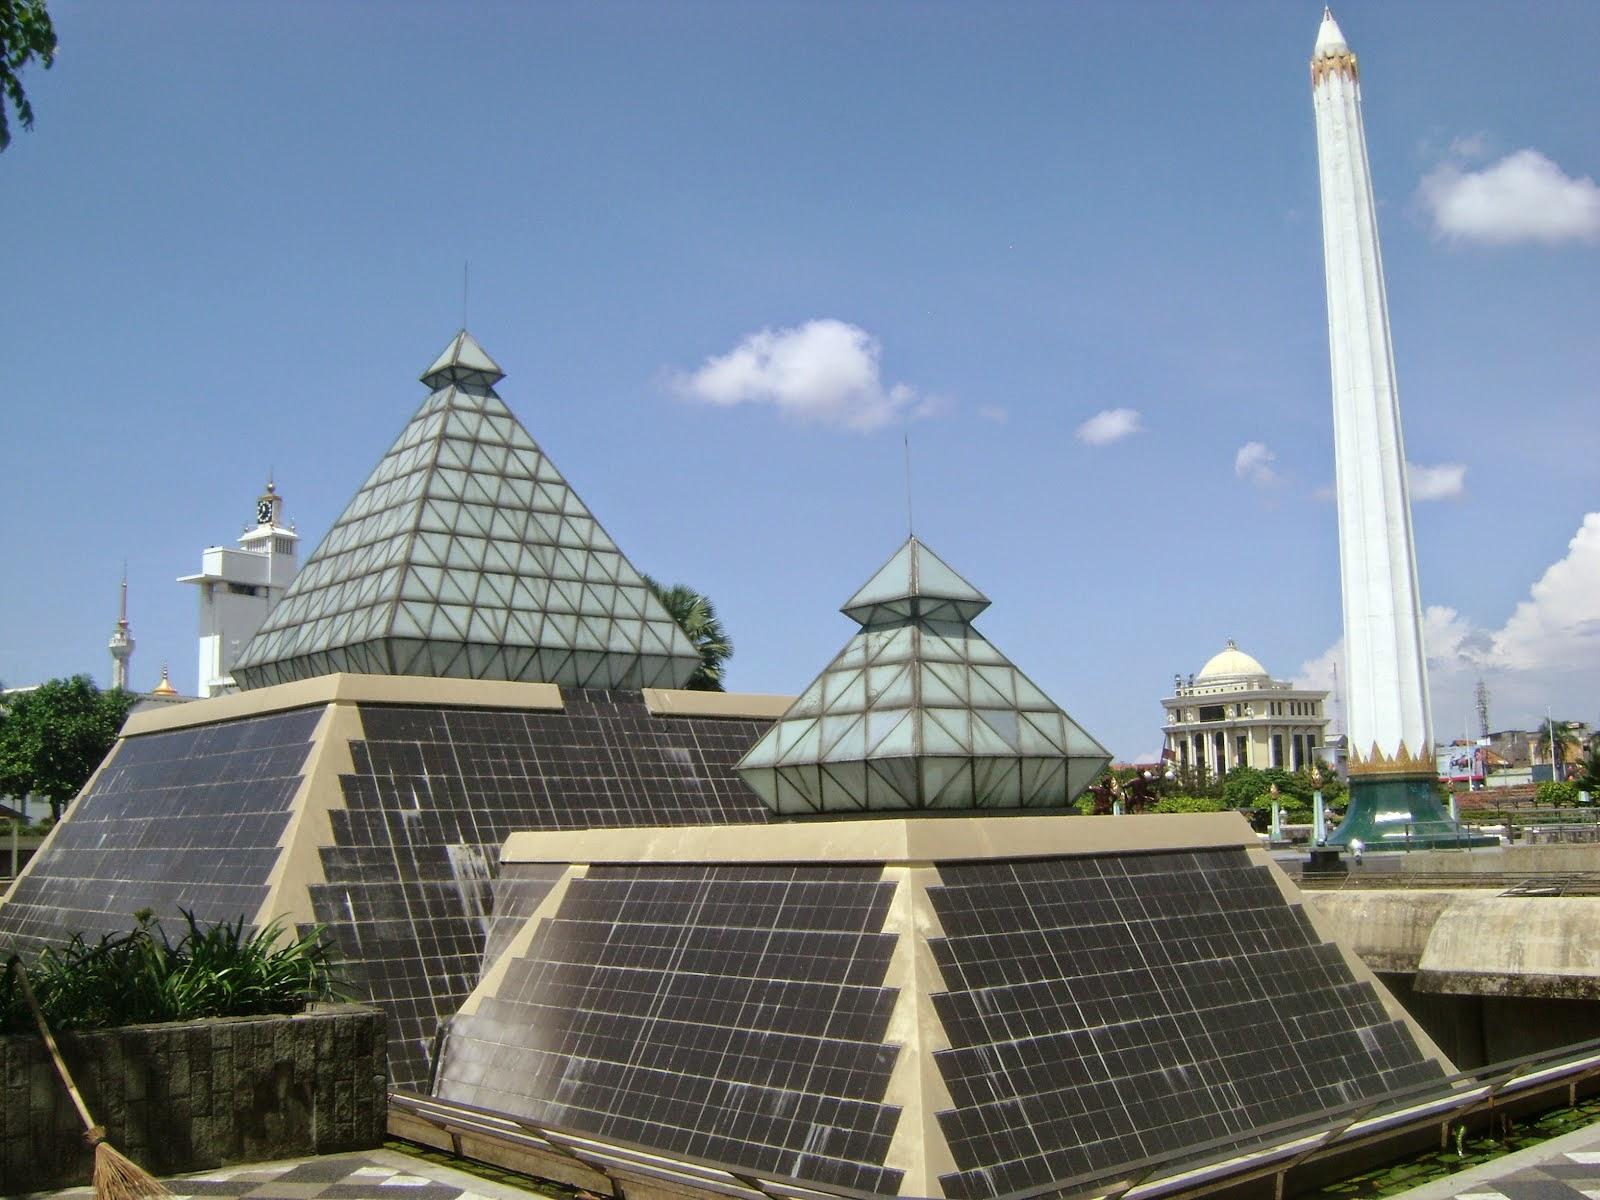 Destinasi Wisata Surabaya Tugu Pahlawan Bukti Nyata Aksi Image Source